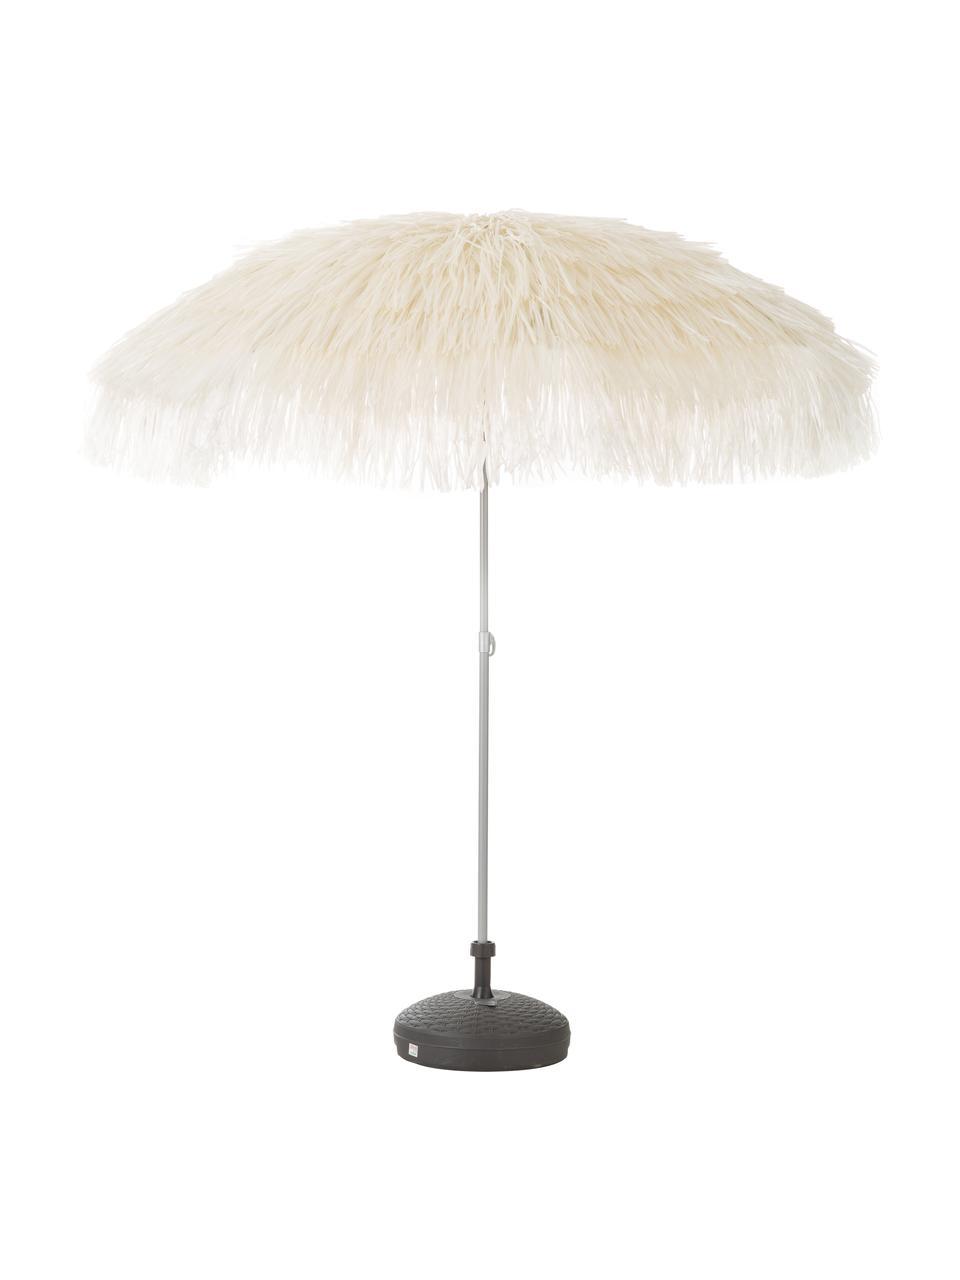 Parasol beige Hawaii, Ø 200 cm, Beige